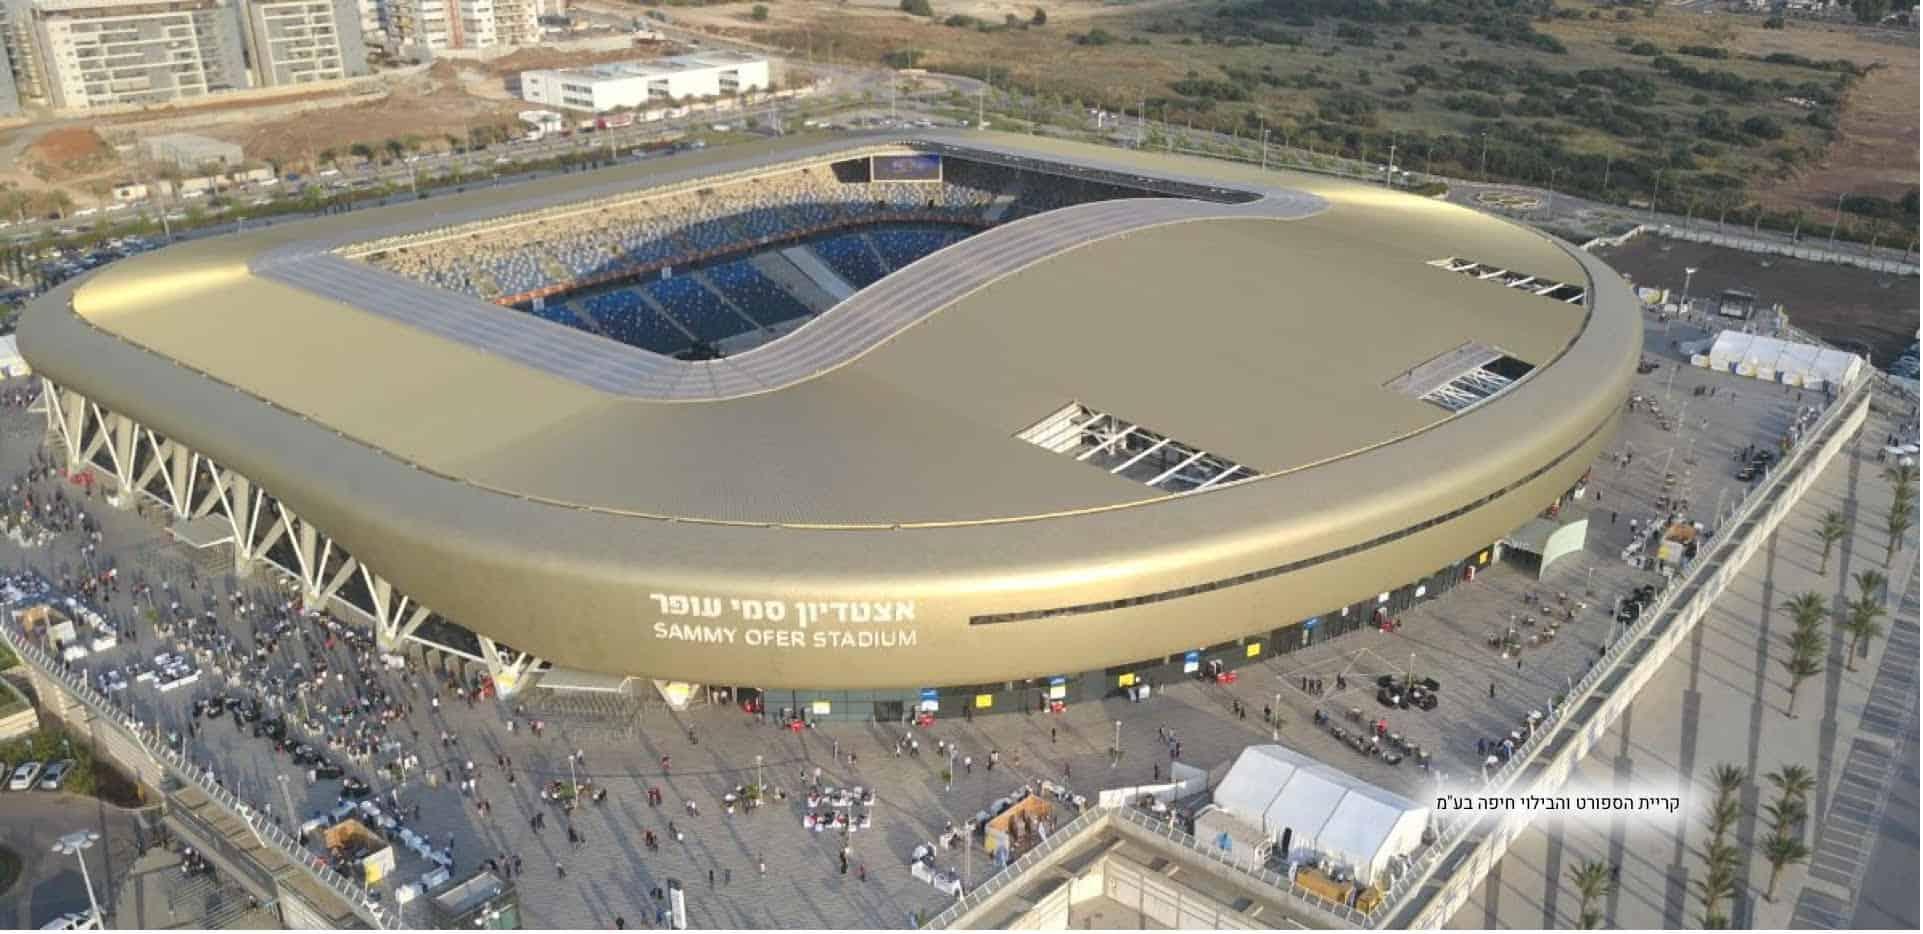 איצטדיון סמי עופר